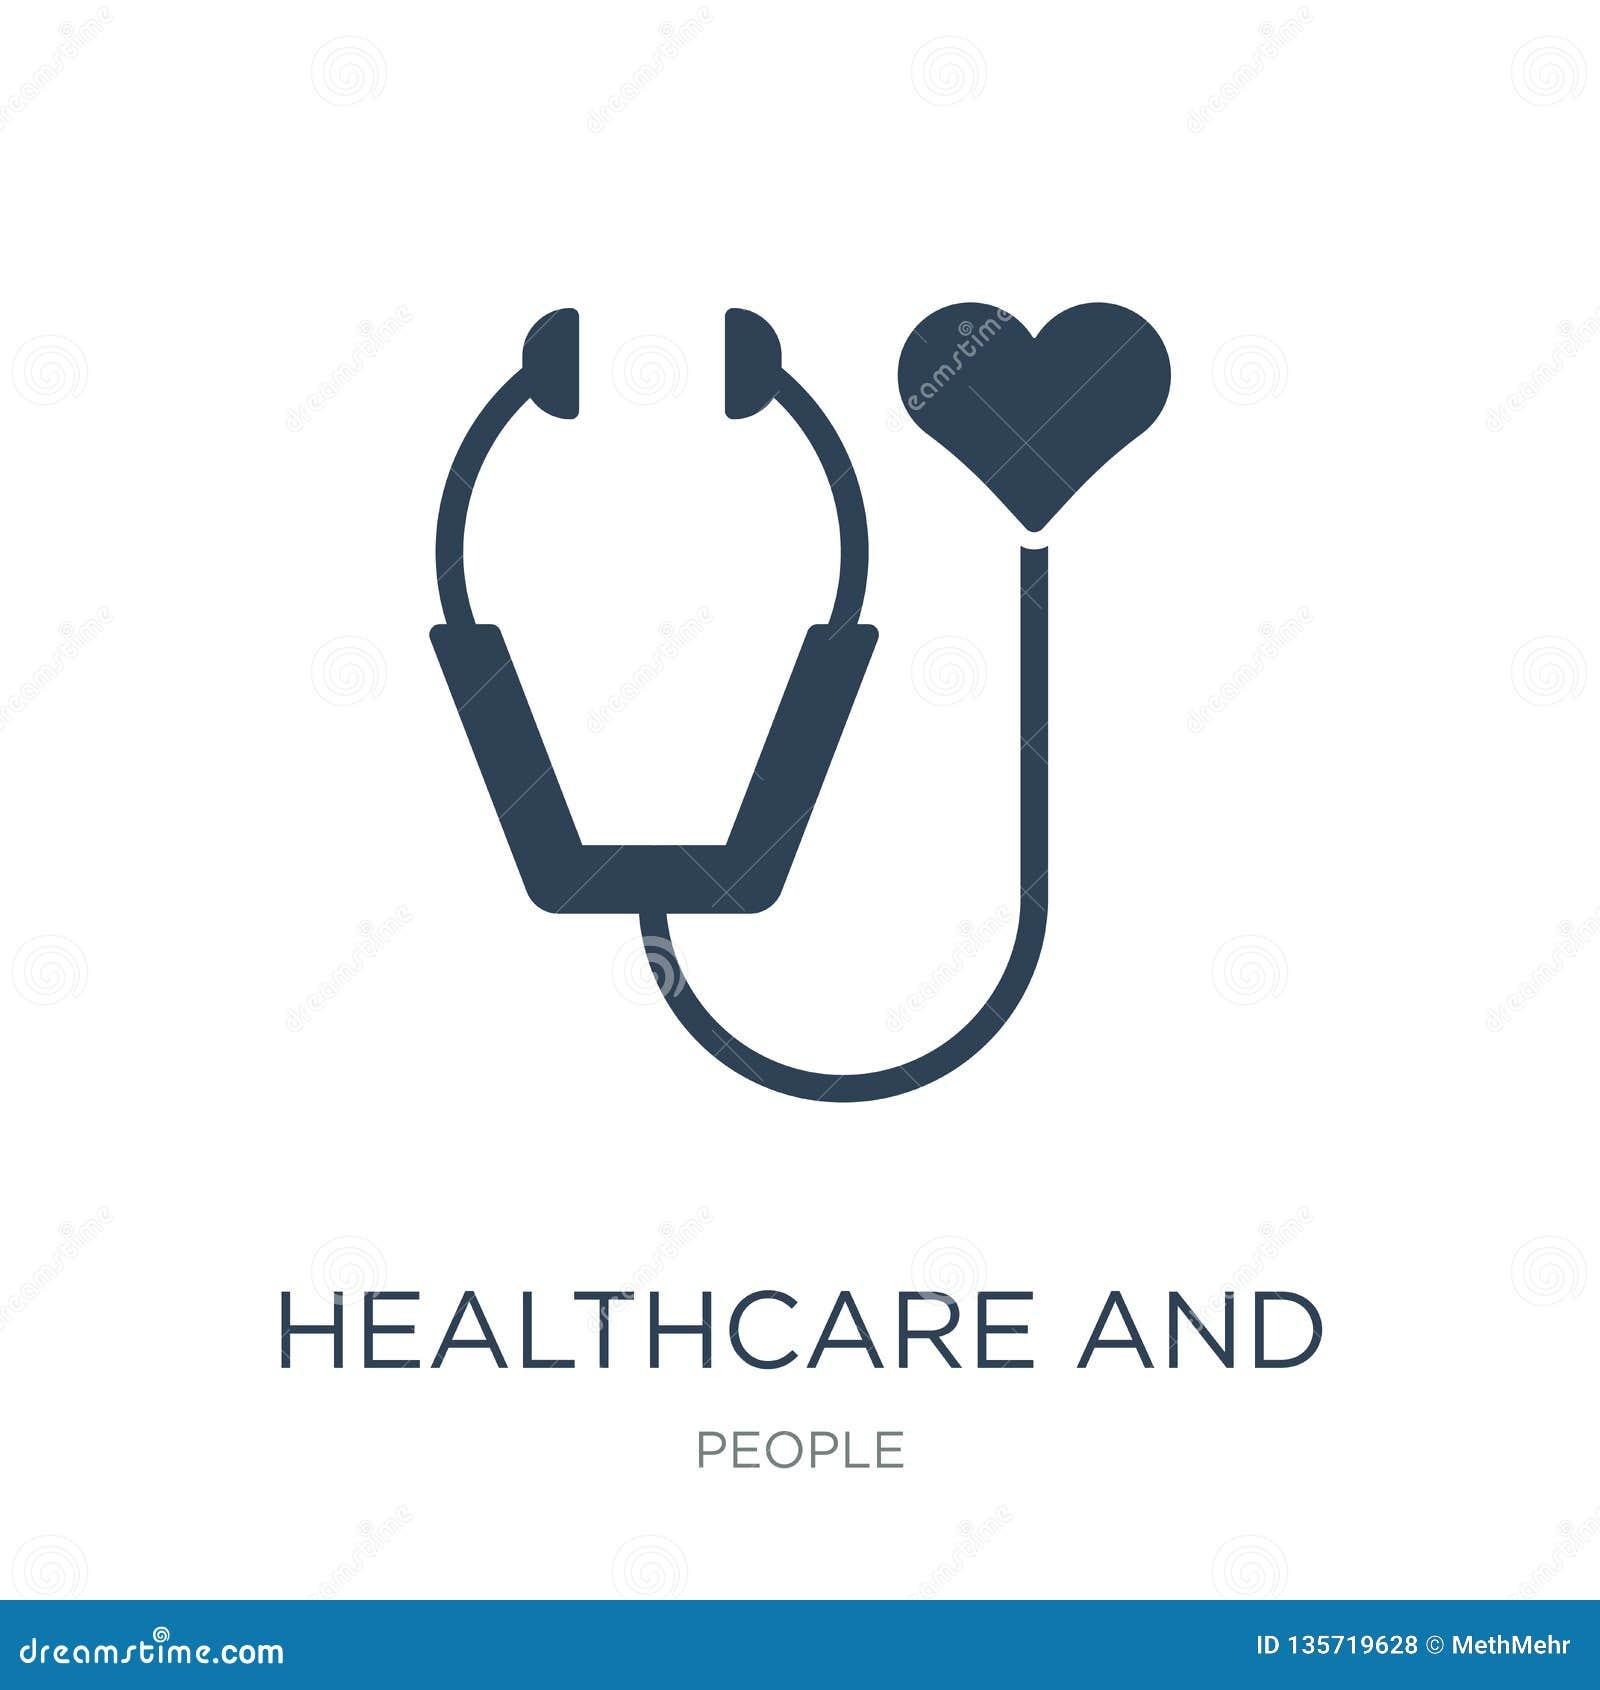 υγειονομική περίθαλψη και ιατρικό εικονίδιο στο καθιερώνον τη μόδα ύφος σχεδίου υγειονομική περίθαλψη και ιατρικό εικονίδιο που α